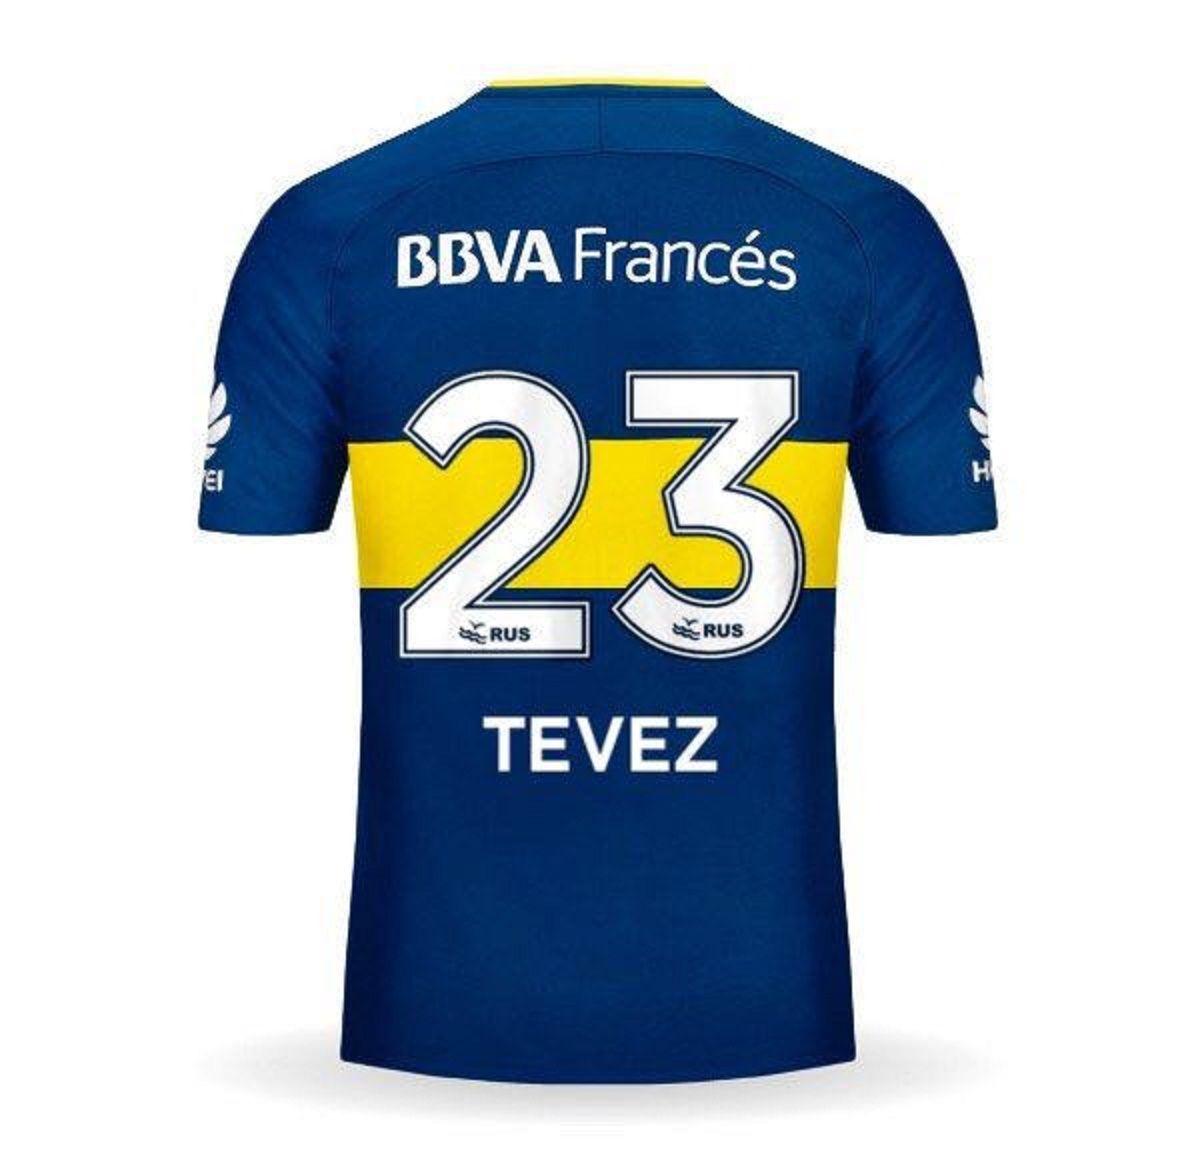 La 32 no puede: el número de camiseta que usará Tevez en la Copa Libertadores